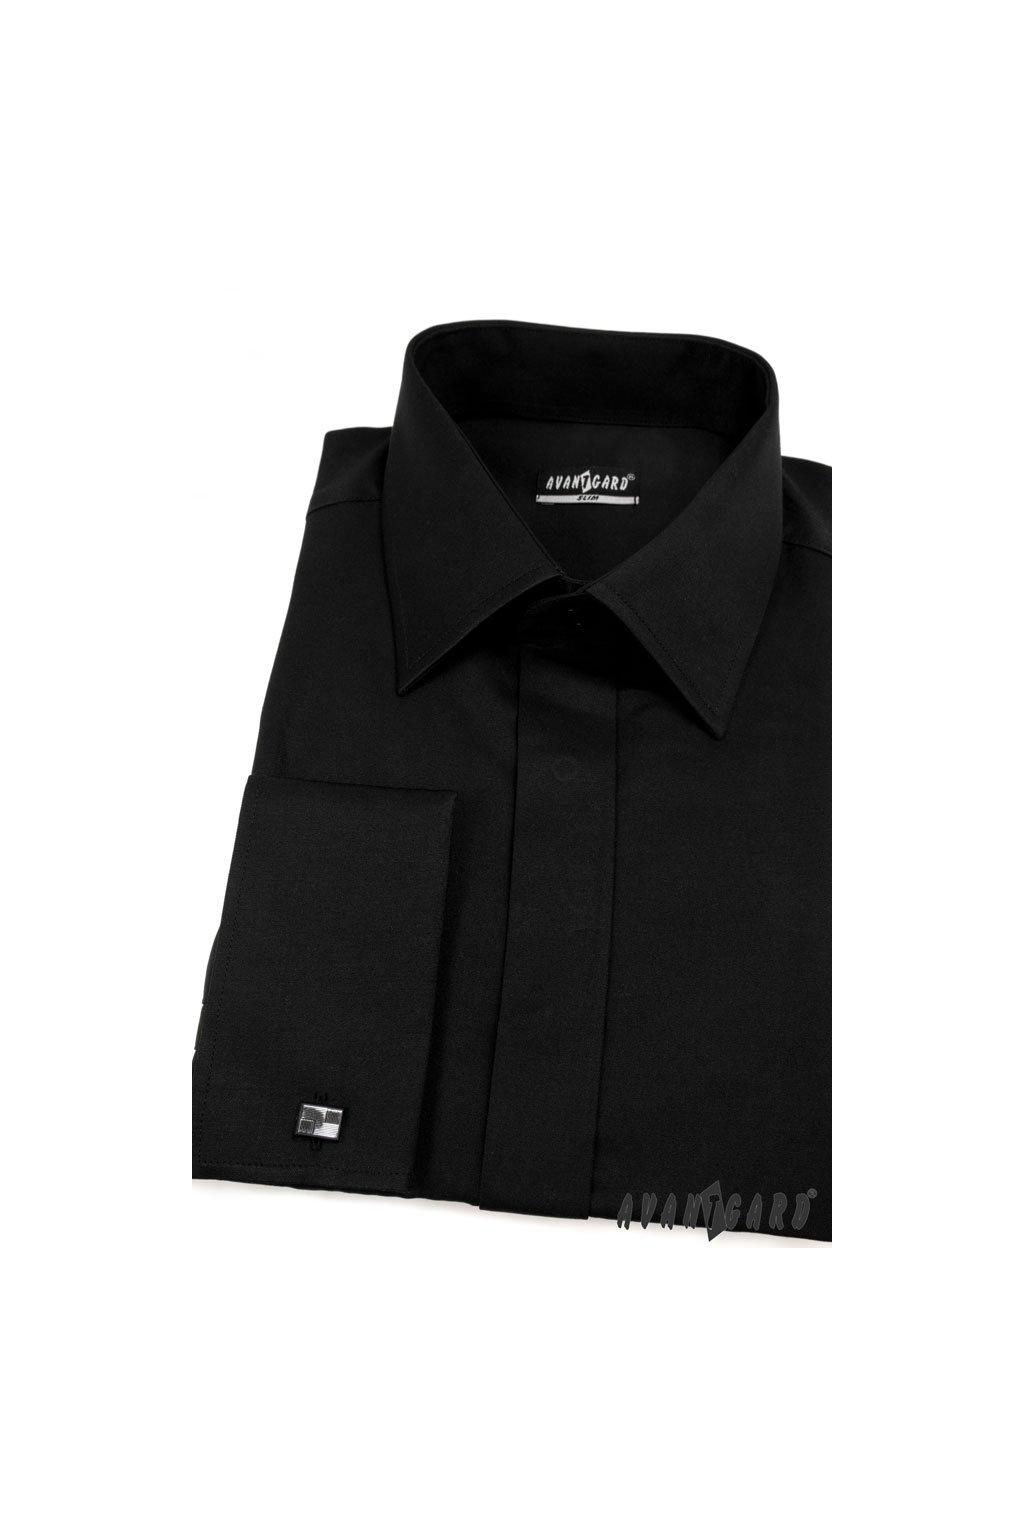 Pánská košile SLIM s krytou légou a dvojitými manžetami na manžetové knoflíčky černá 160 - 23